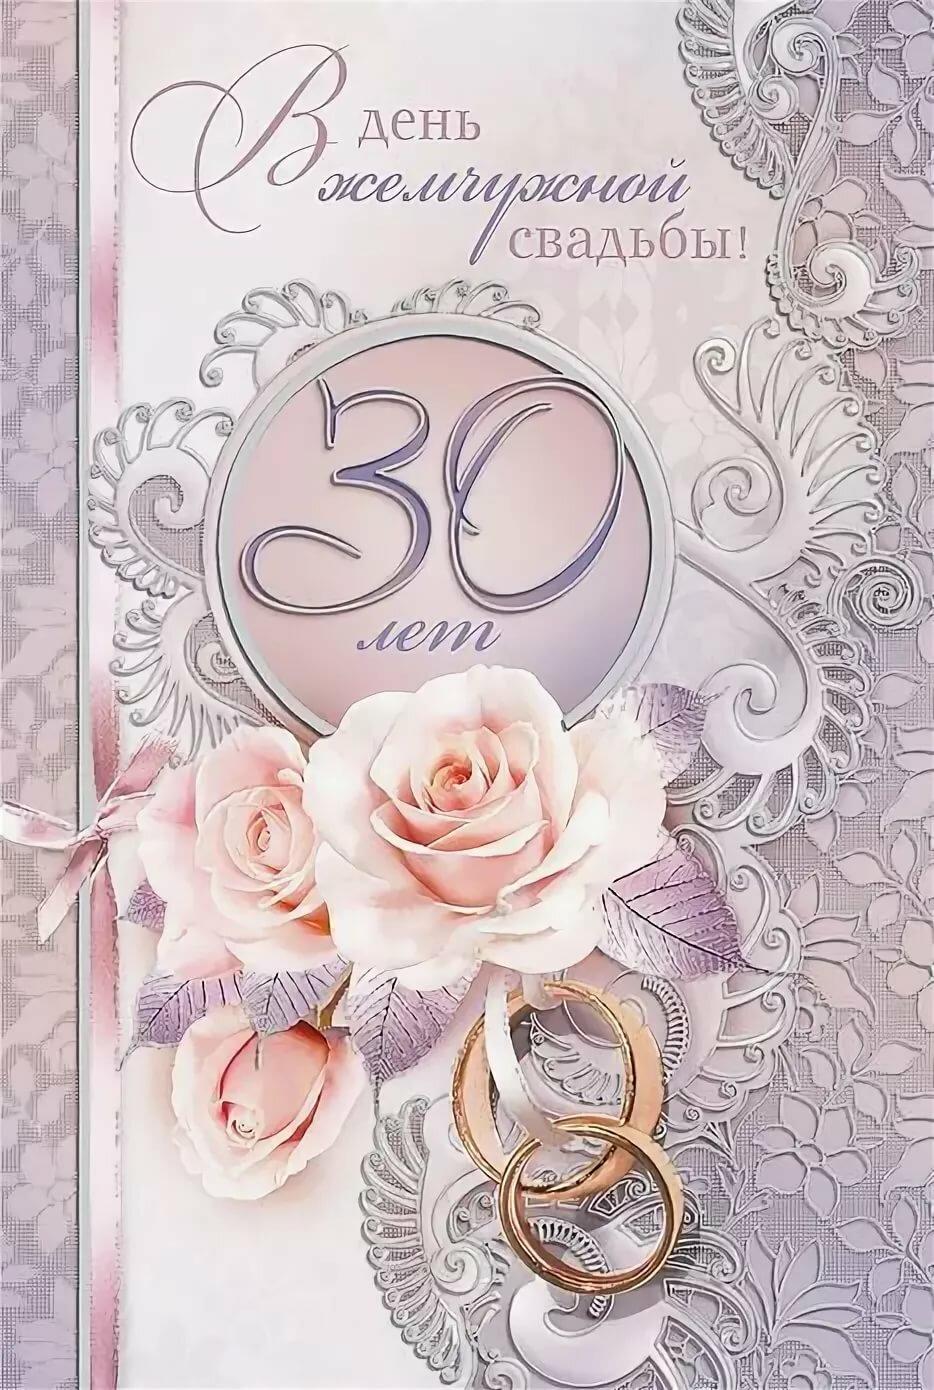 30 лет совместной жизни открытки поздравительные